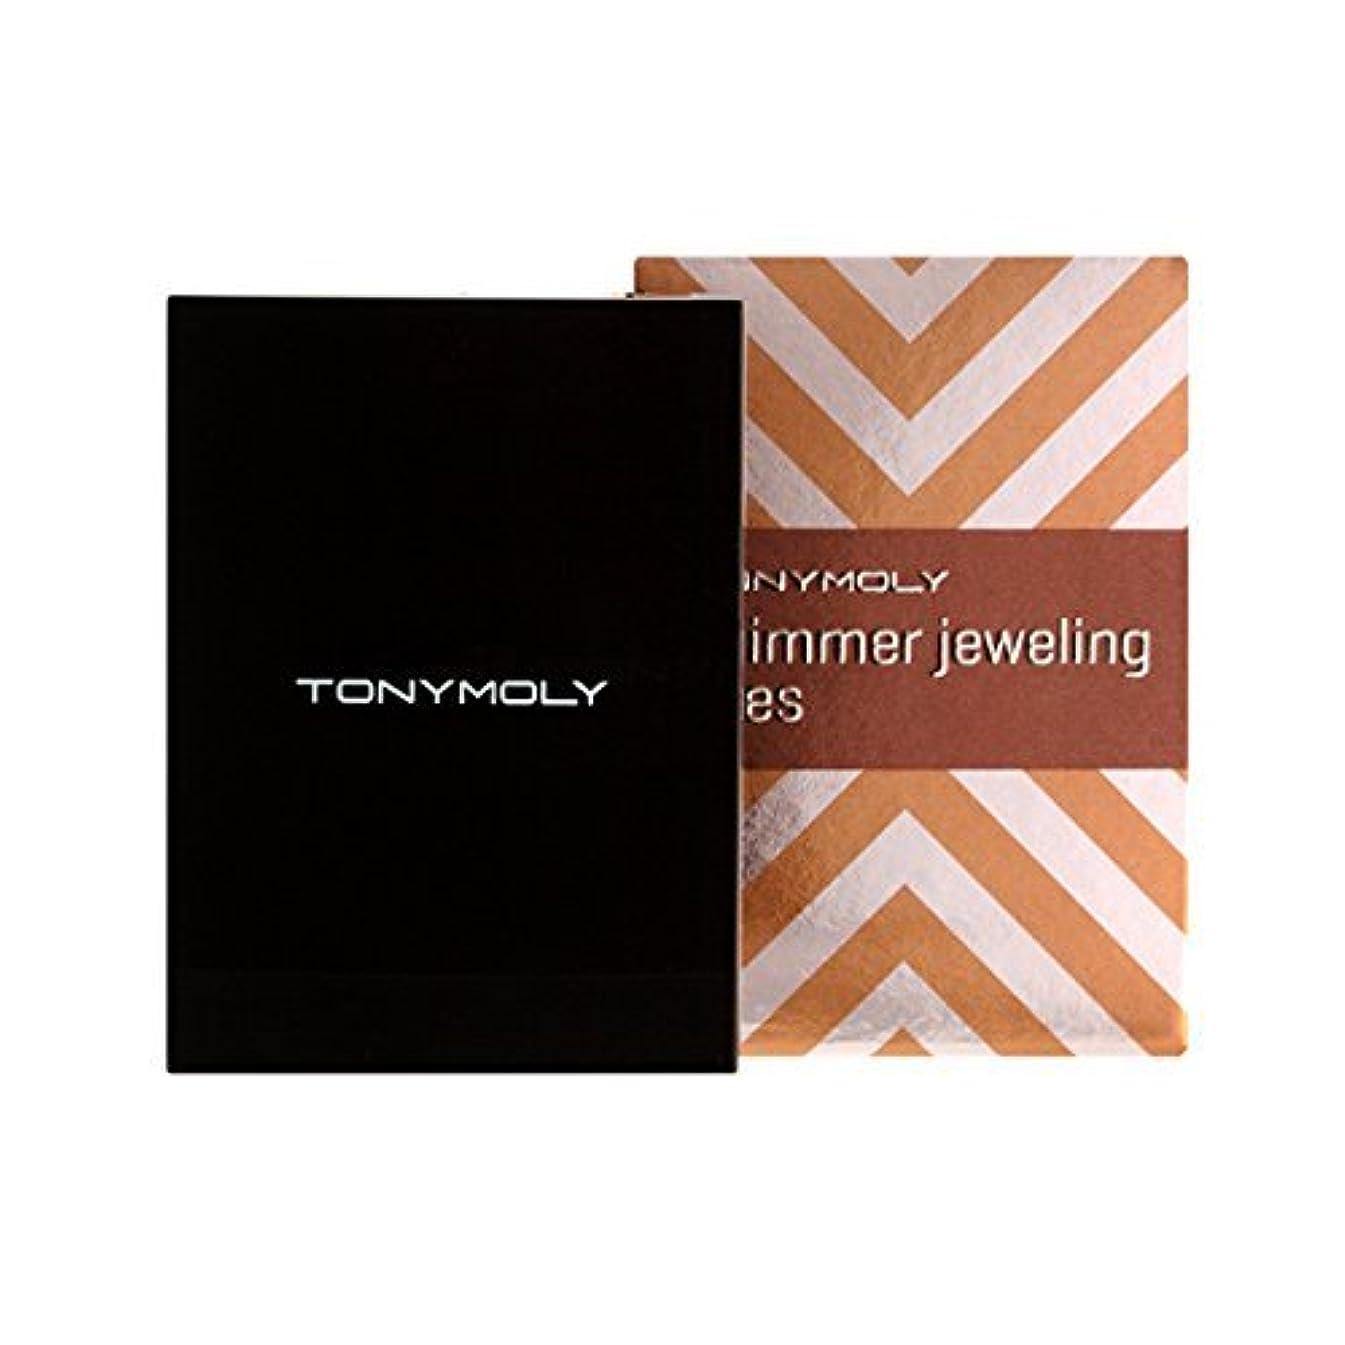 有望気づかない要件[Tonymoly] トニーモリ Shimmer Jeweling Eyes 2.7g #01 Gold Jeweling by TONYMOLY